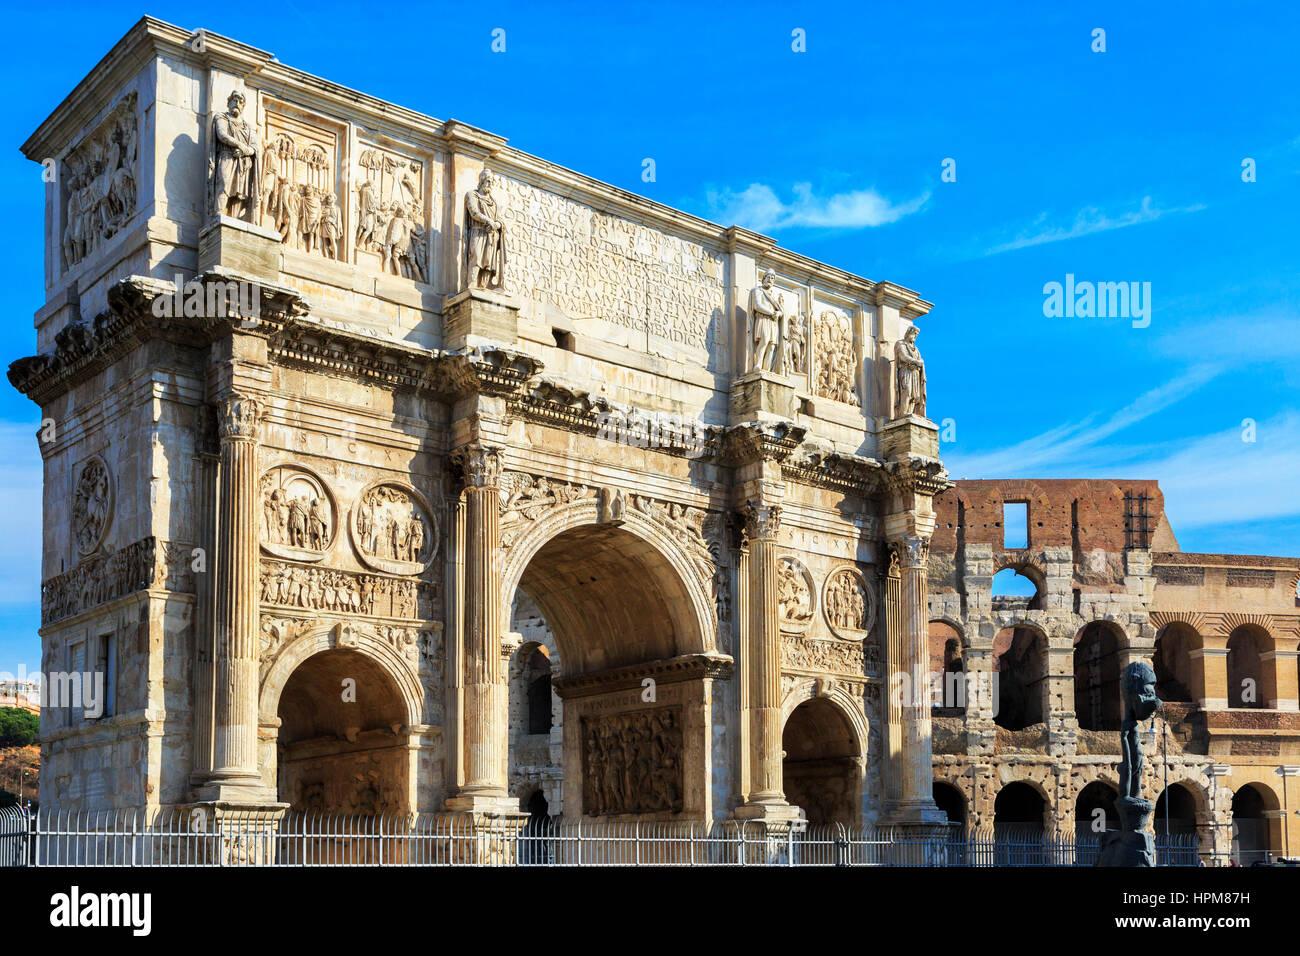 Arco de Constantino, l'arco trionfale costruito dai senatori in AD315, situato sulla Via Triumphalis, tra il Immagini Stock